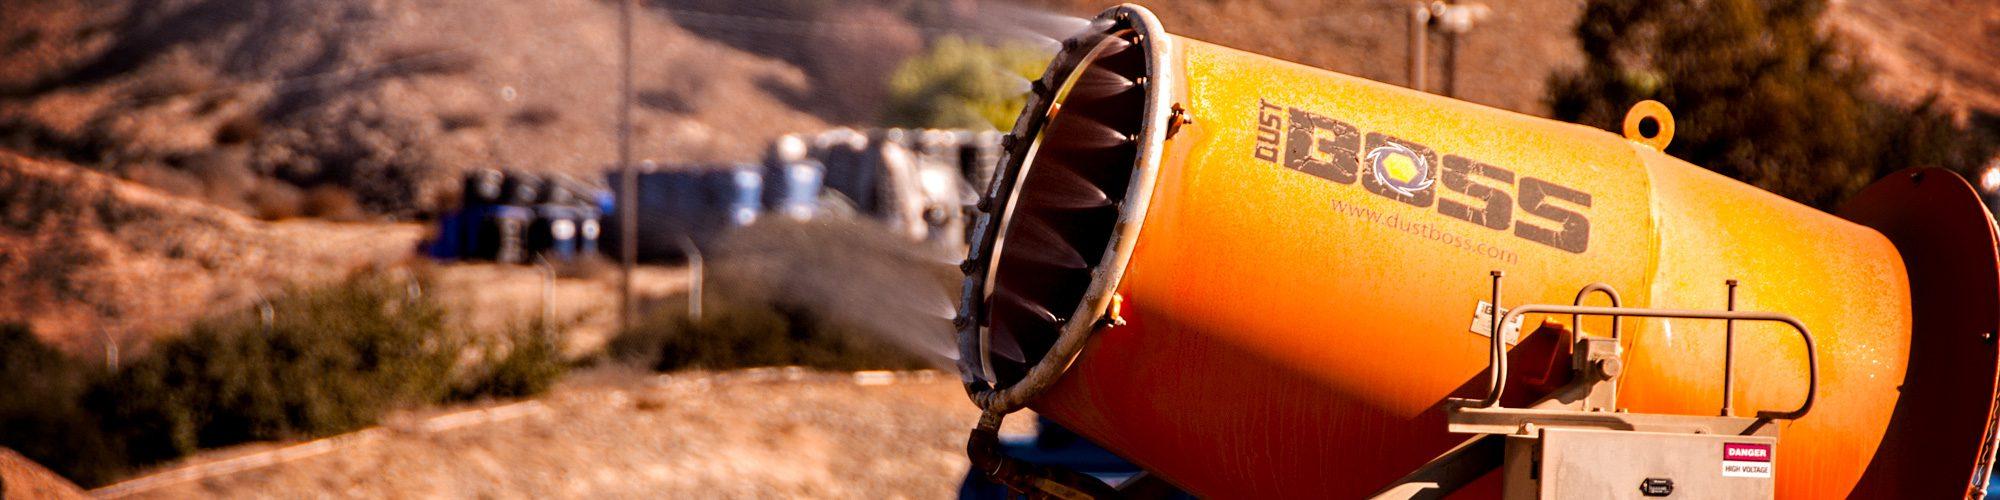 OSHA Silica Dust Solution: DustBoss